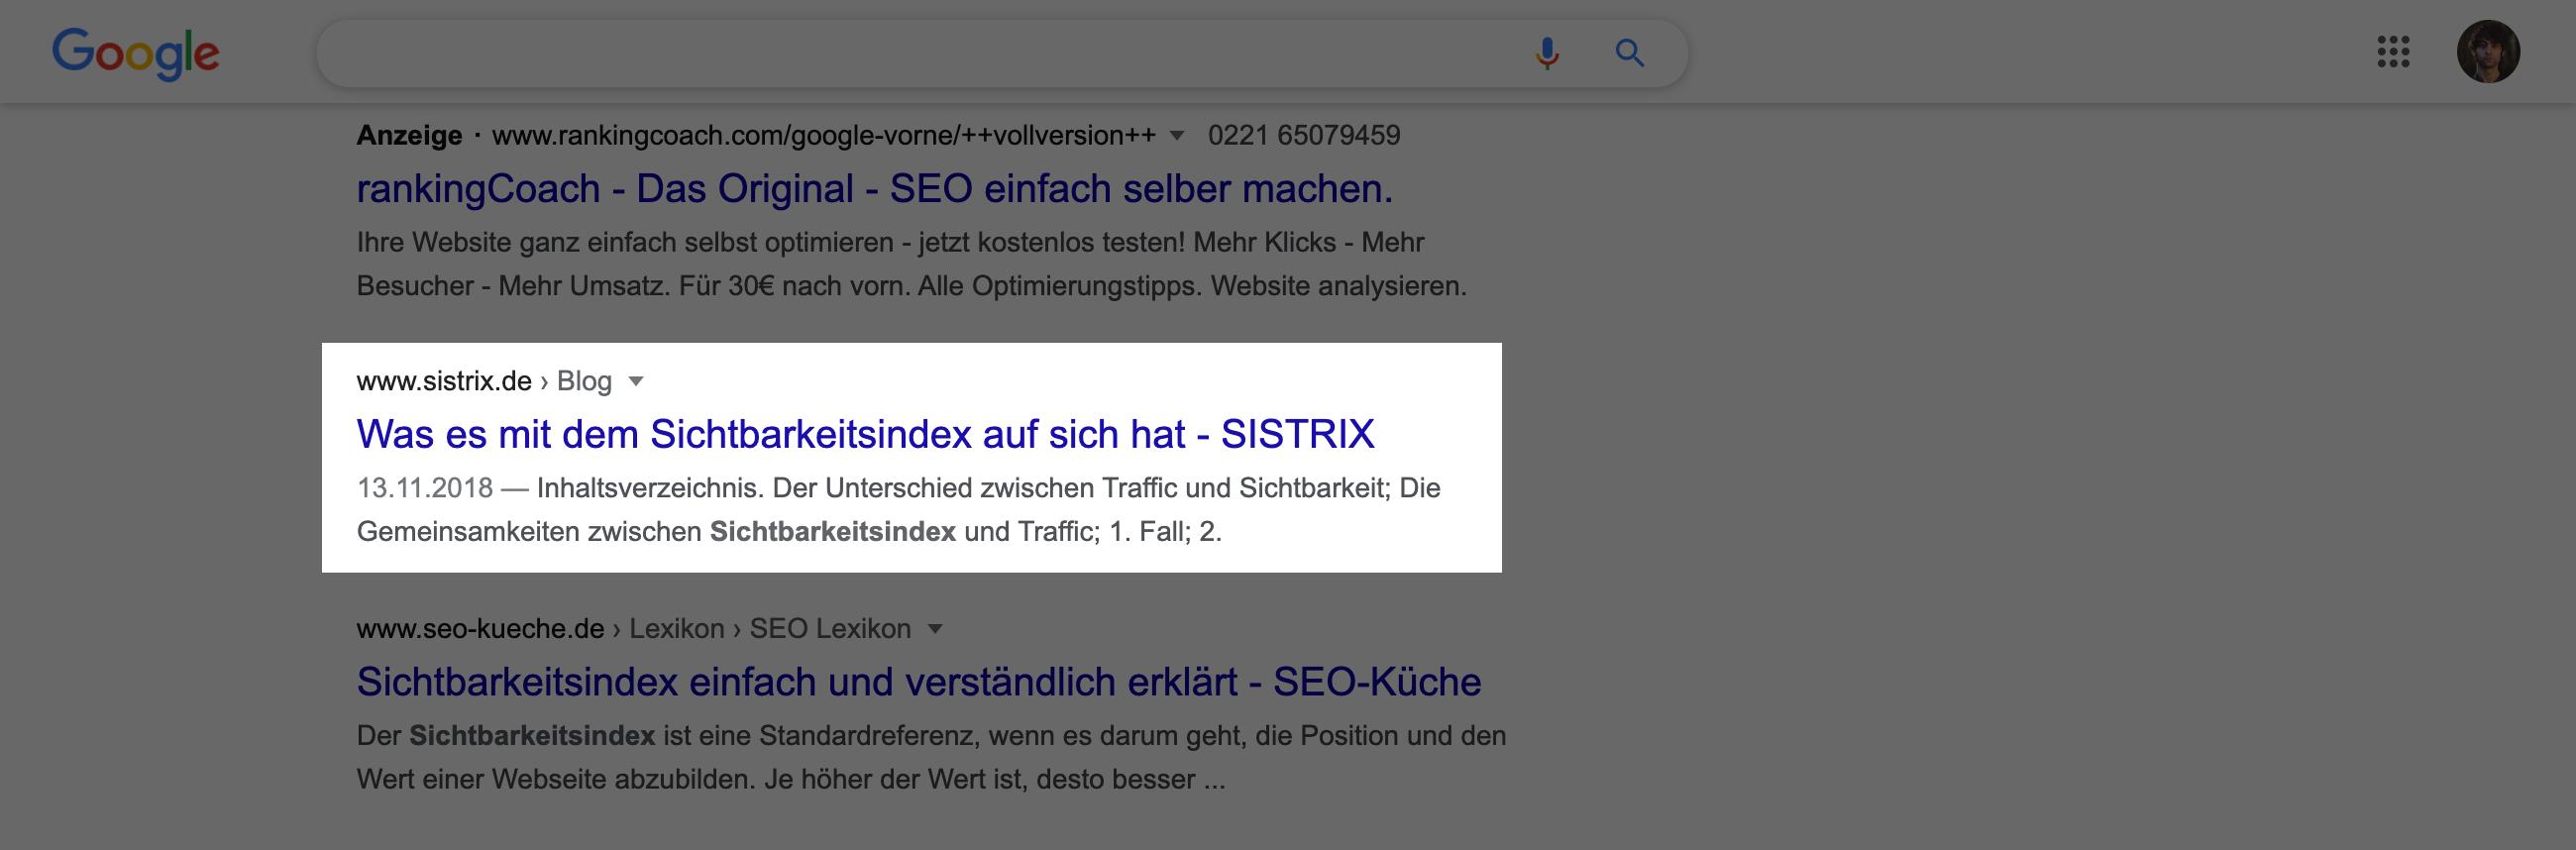 Suchtreffer in den Google-Suchergebnissen. Der Titel hat hier 56 Zeichen.